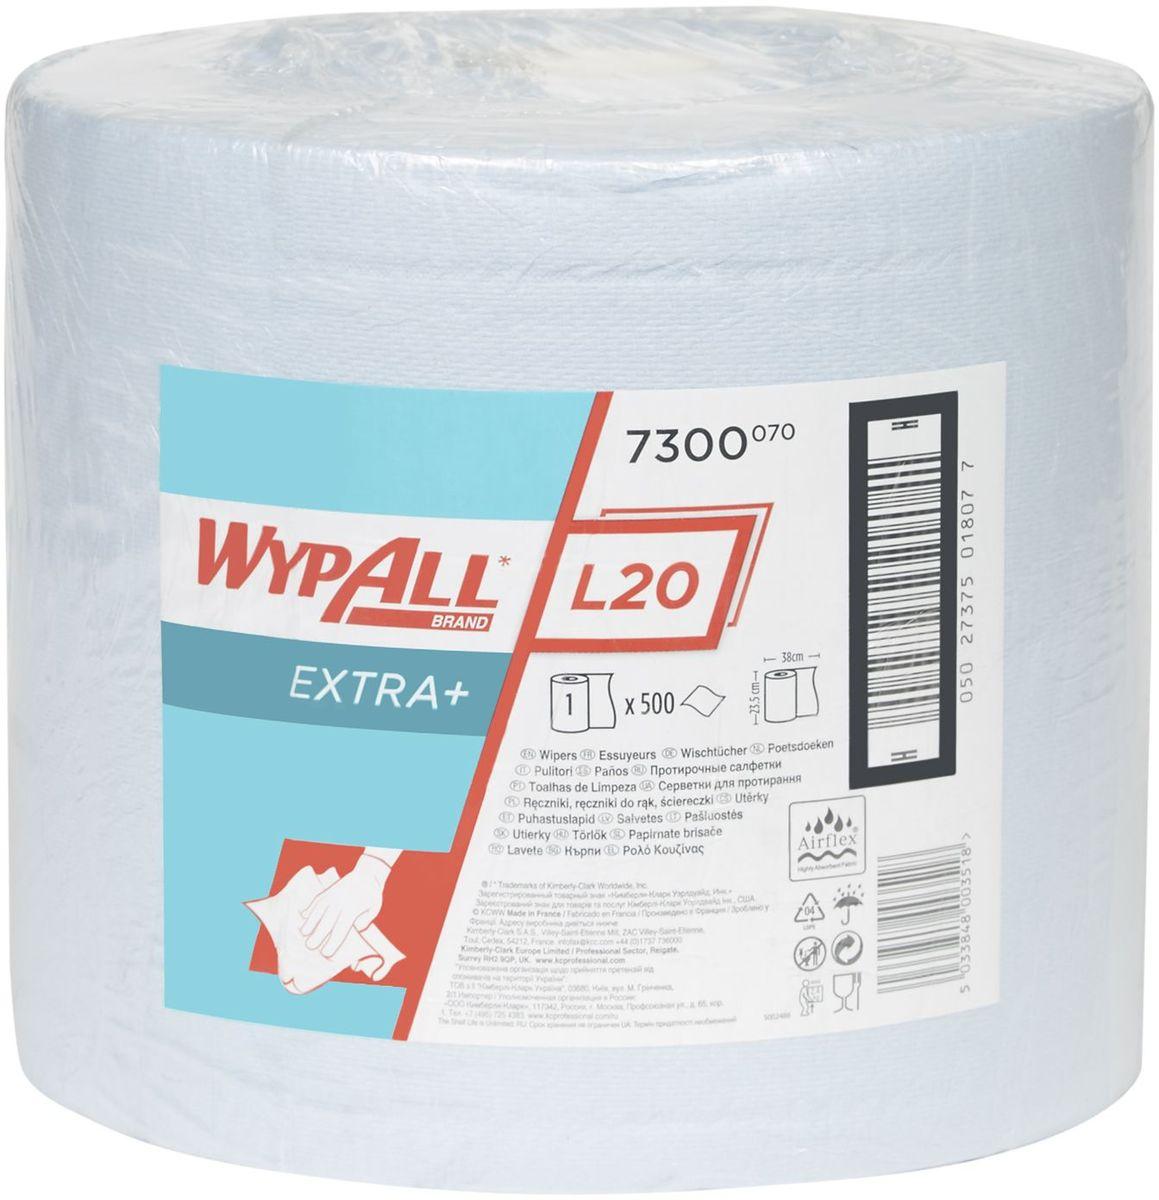 Полотенца бумажные Wypall L30, двухслойные, 500 шт. 73007300Двухслойные бумажные полотенца Wypall L30, изготовленныеиз целлюлозы, отличаются особенной прочностью и быстротойвпитывания жидкостей. Полотенца идеально подойдут дляуниверсальных задач: сбора грязи, работы с маслом, протирки ивпитывания жидкостей в пищевой промышленности, а также вавтомобильной индустрии и многих других областей.